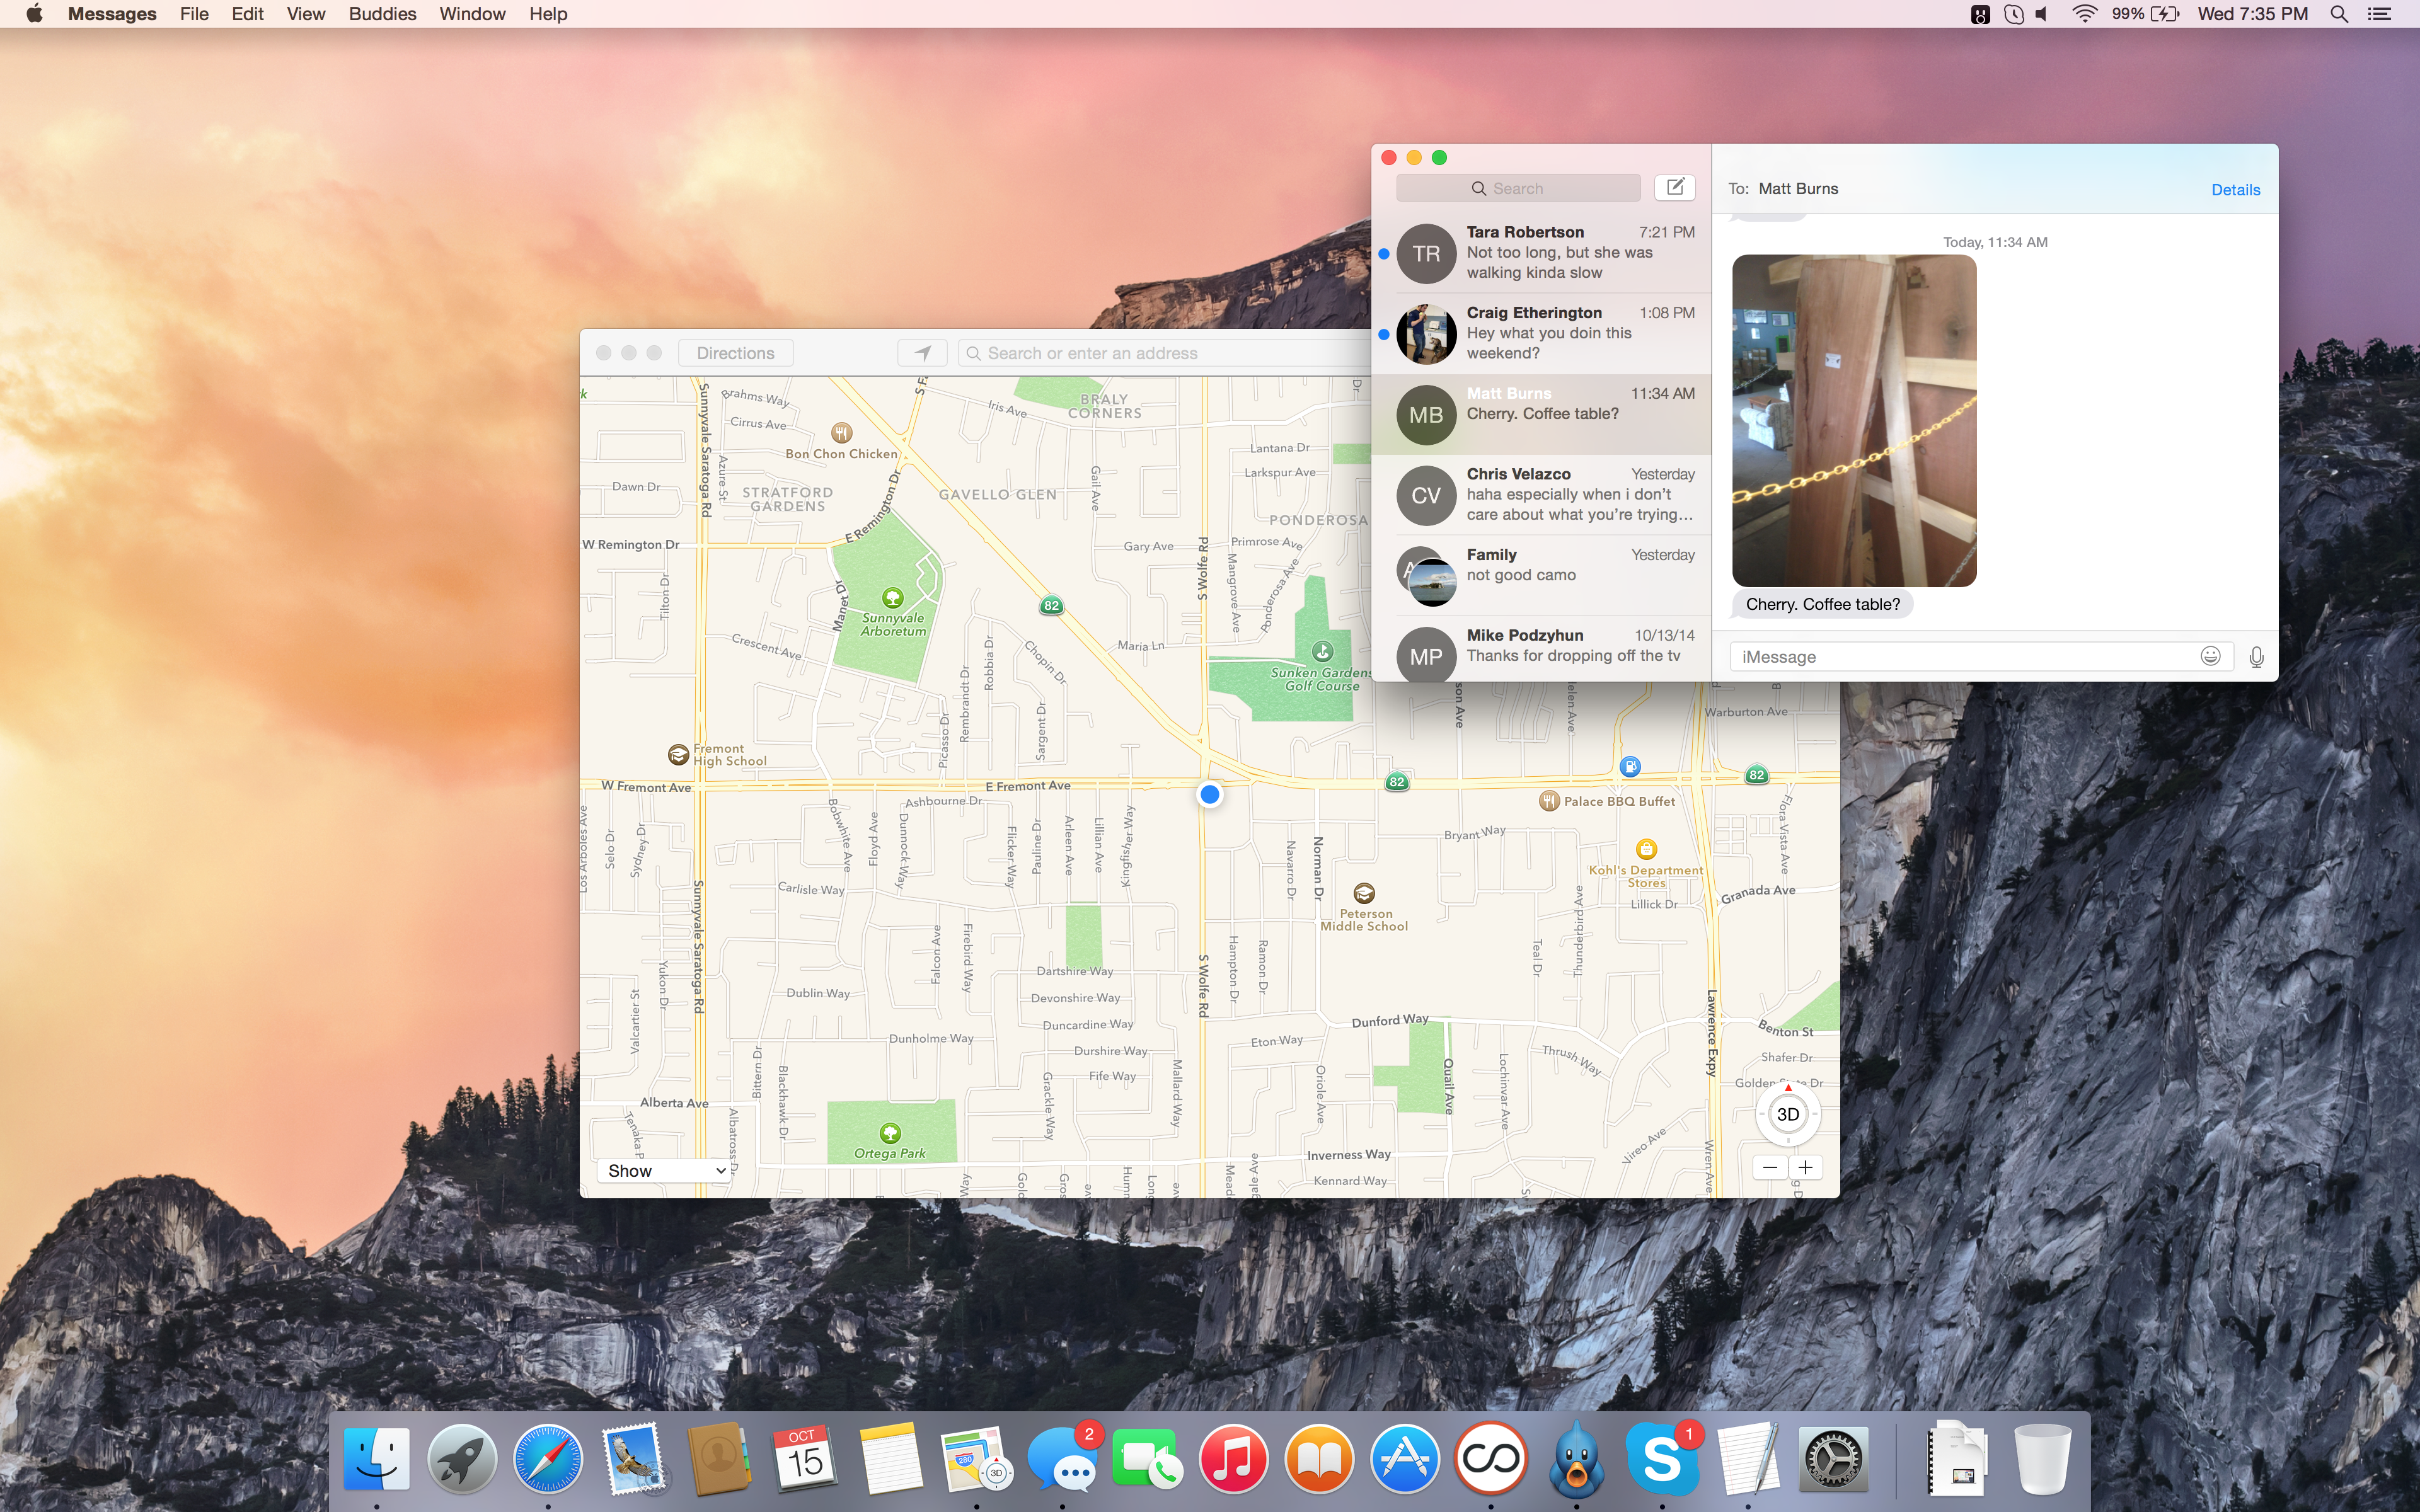 Screen Shot 2014-10-15 at 7.35.57 PM